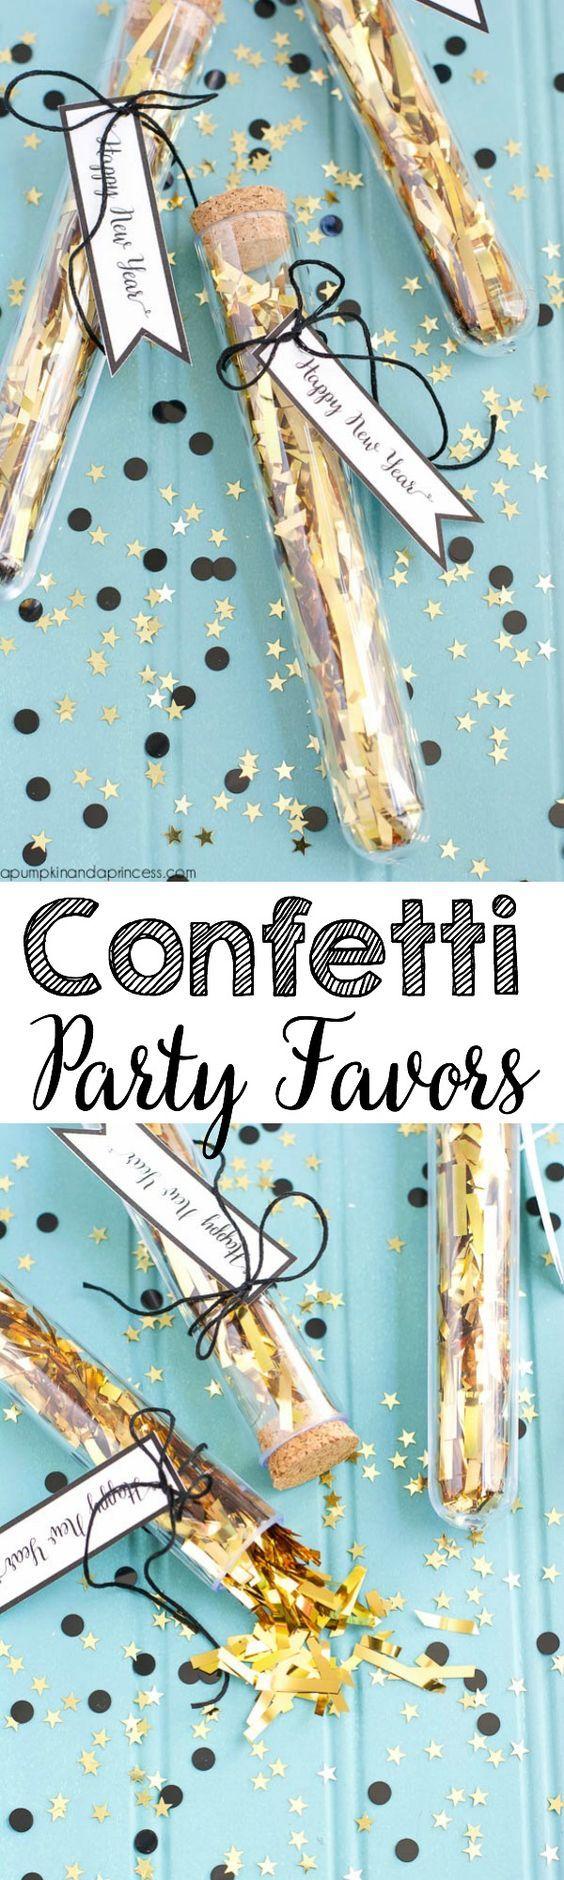 Confetti En Tubos De Ensayo Party Time Pinterest Ensayo Anos